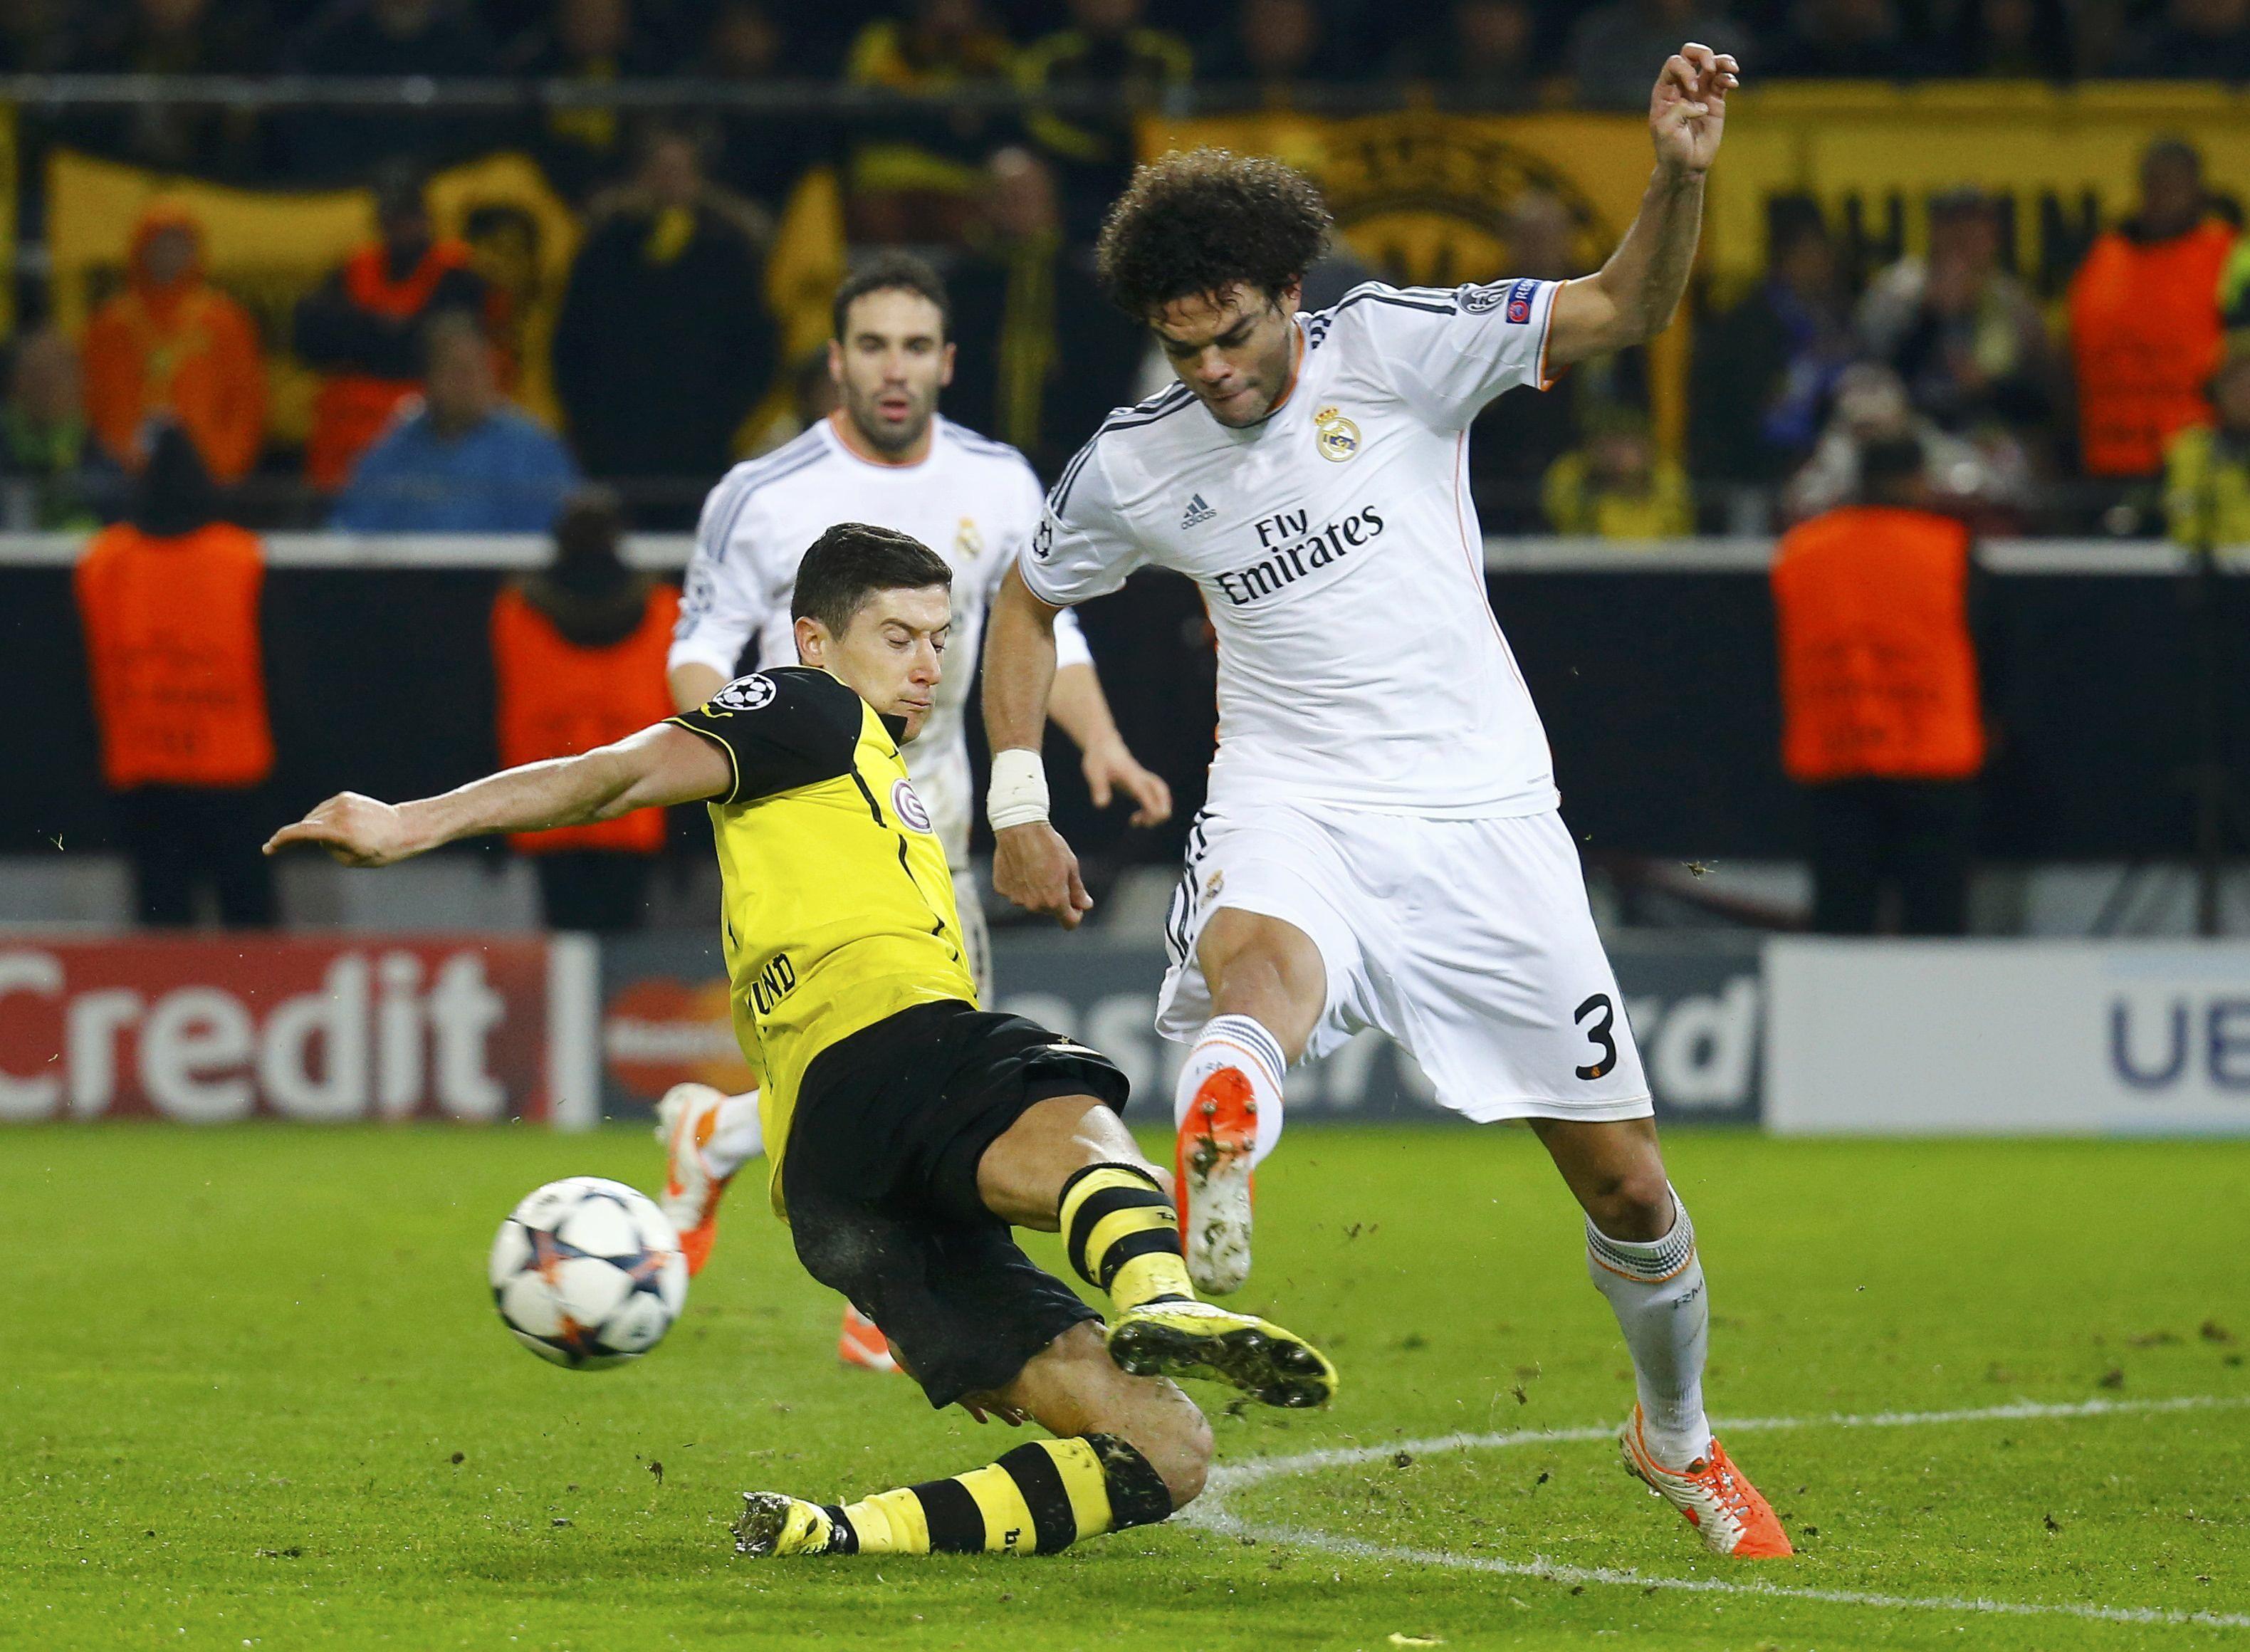 El duelo entre españoles y alemanes se jugó en cancha del Borussia.